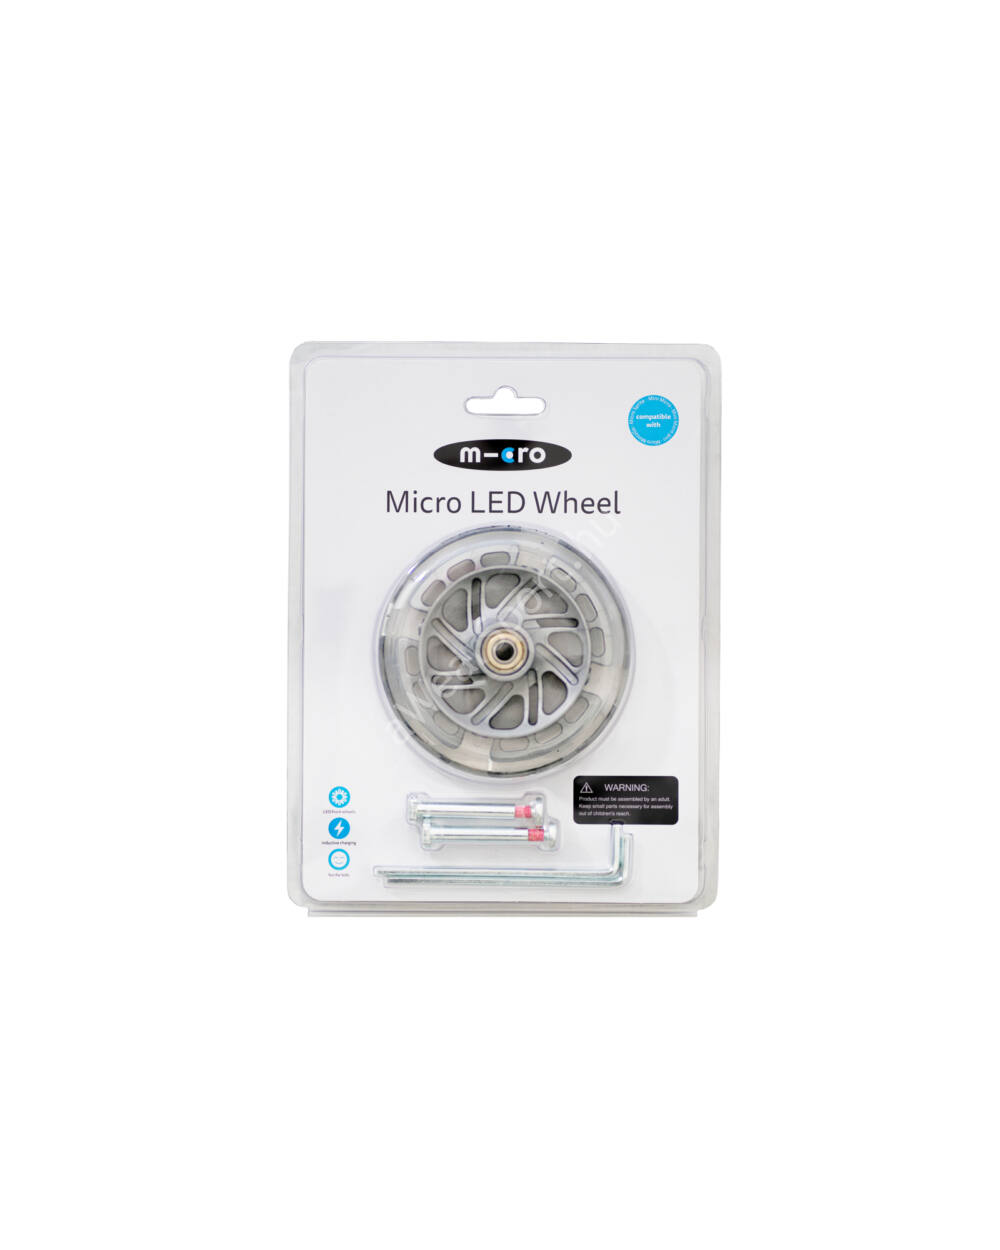 Mini Micro LED kerékszett, 2 db